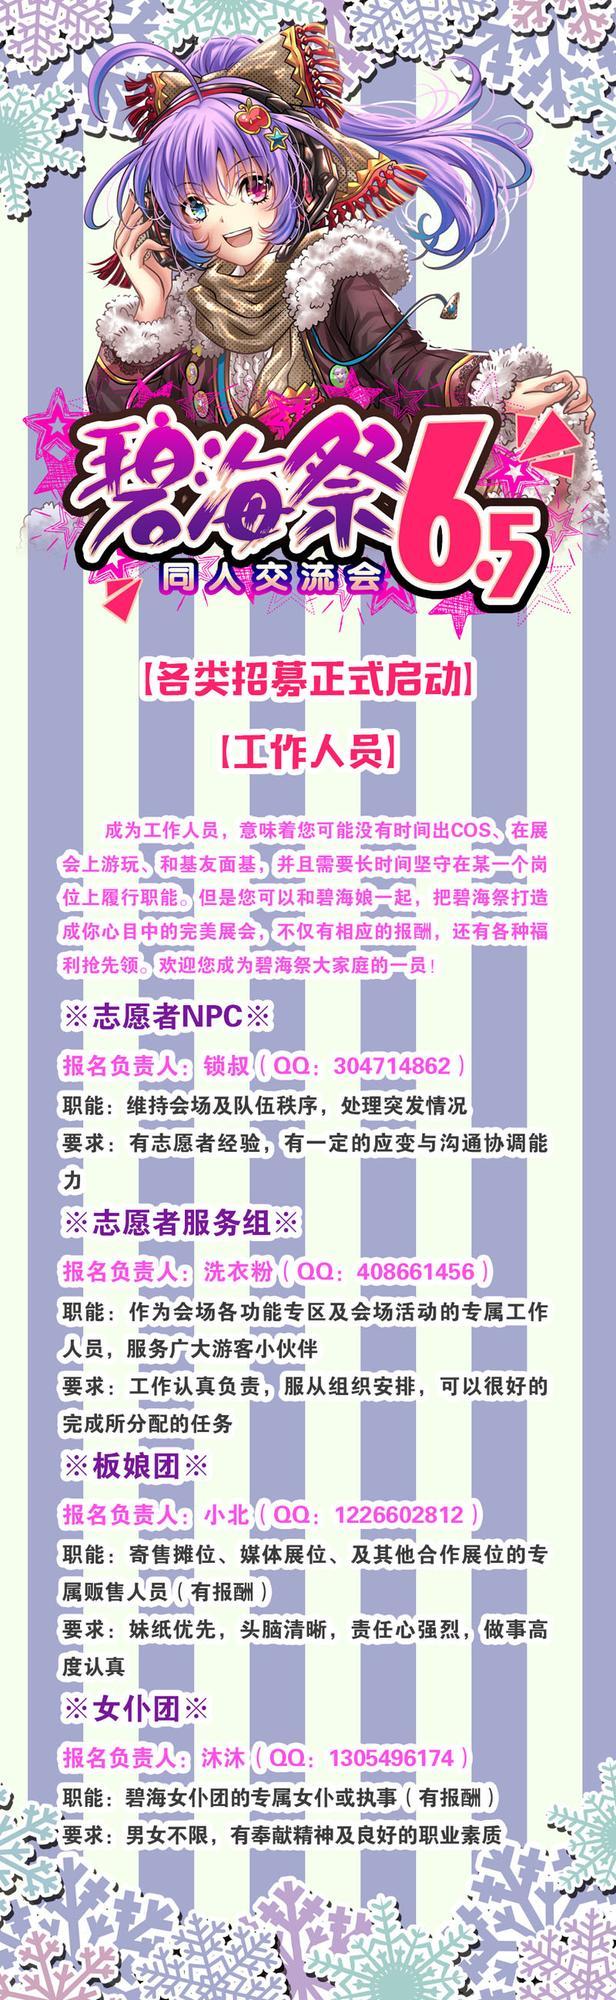 烟台碧海祭BSS6.5——缤纷新年季 漫展 第4张